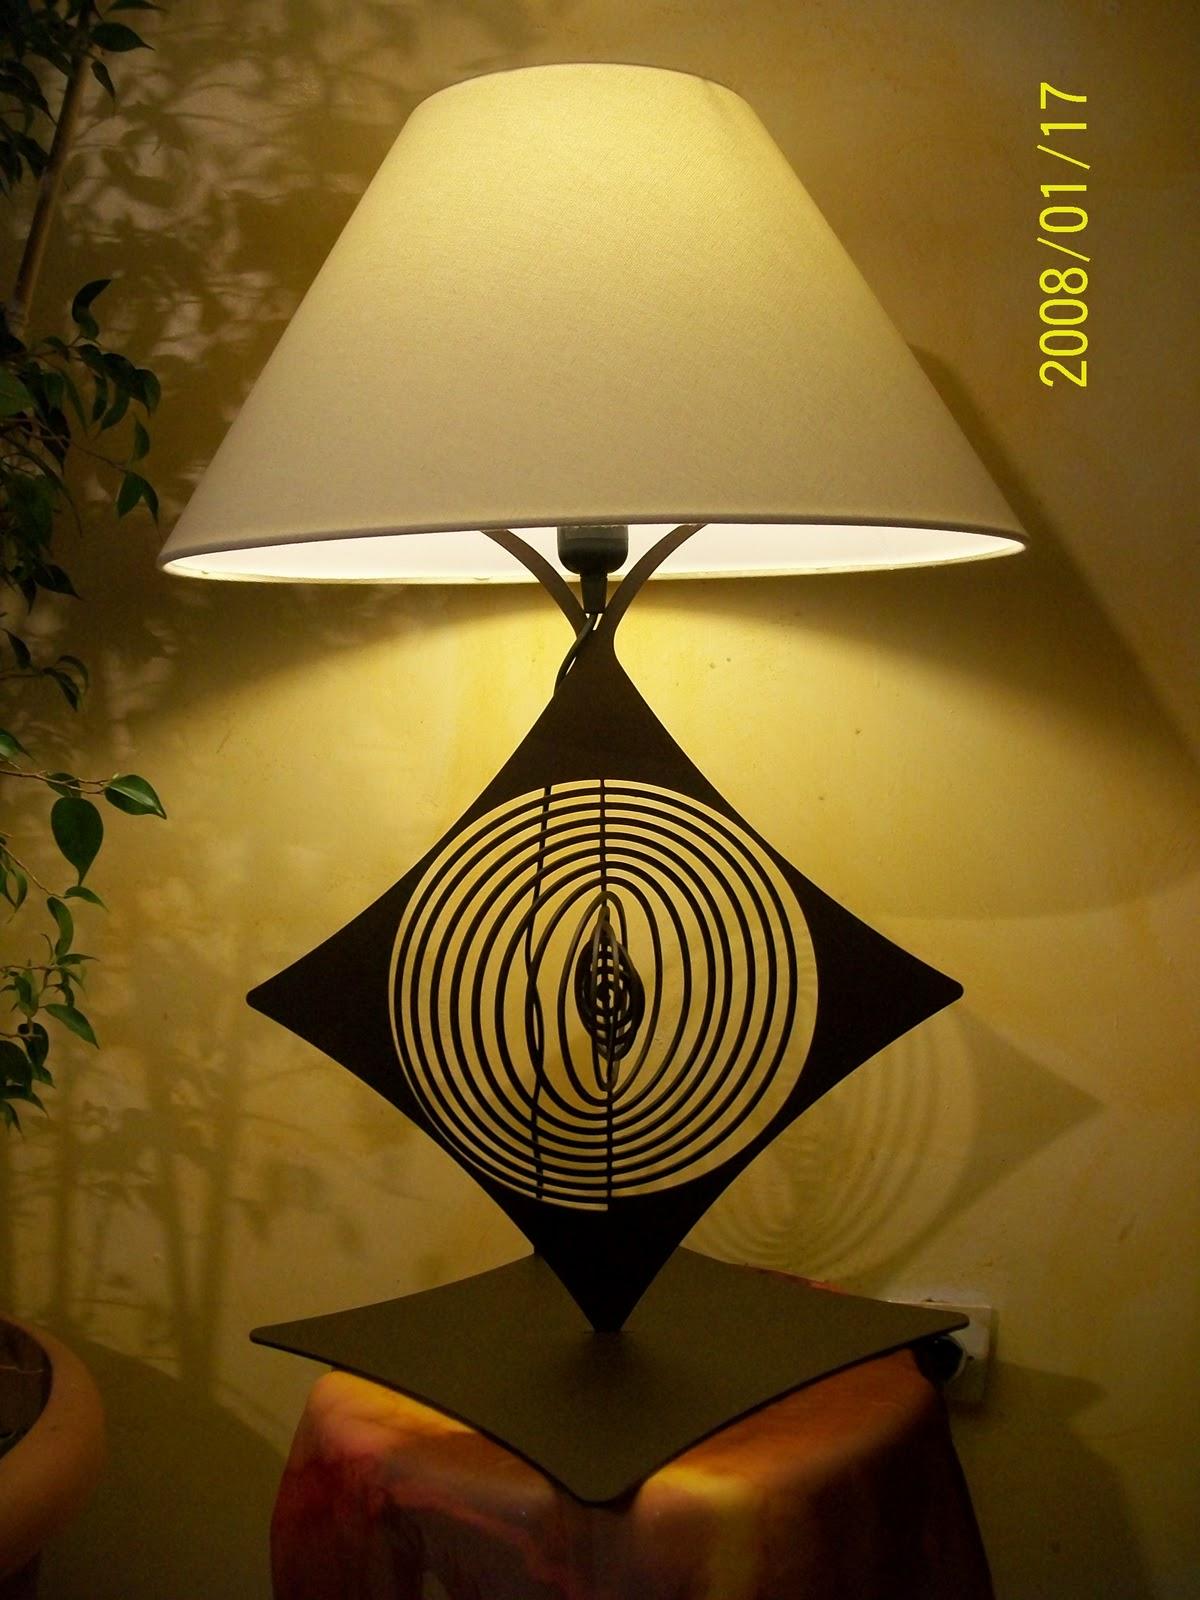 lampe design en fer la spirale pied de lampe en fer hauteur 450 mm peinture epoxy marron vieilli. Black Bedroom Furniture Sets. Home Design Ideas